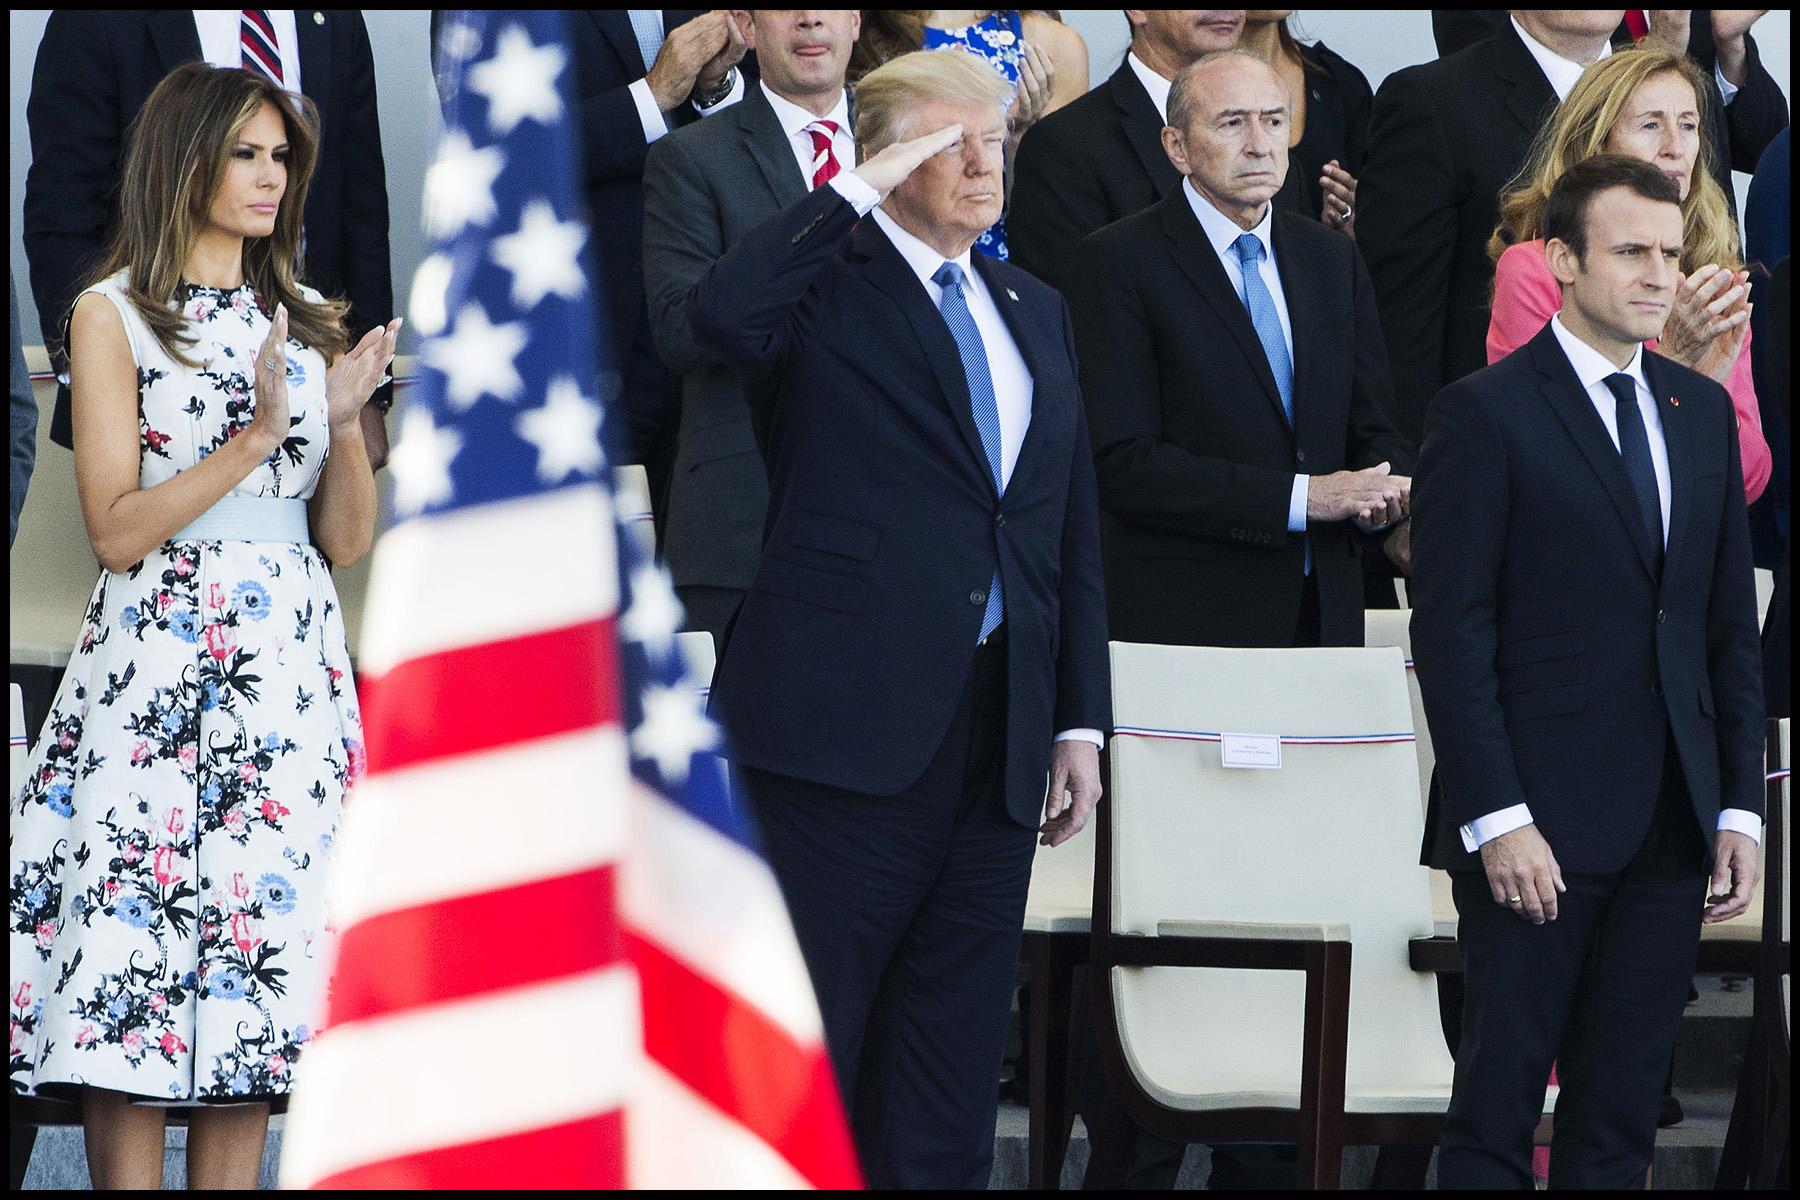 Défilé du 14 juillet sur les champs Elysées avec Emmanuel MACRON, son épouse Brigitte et Donald TRUMP et son épouse Mélania TRUMP. Défilé du 14 juillet 2017 en présence du président américain Donald TRUMP.